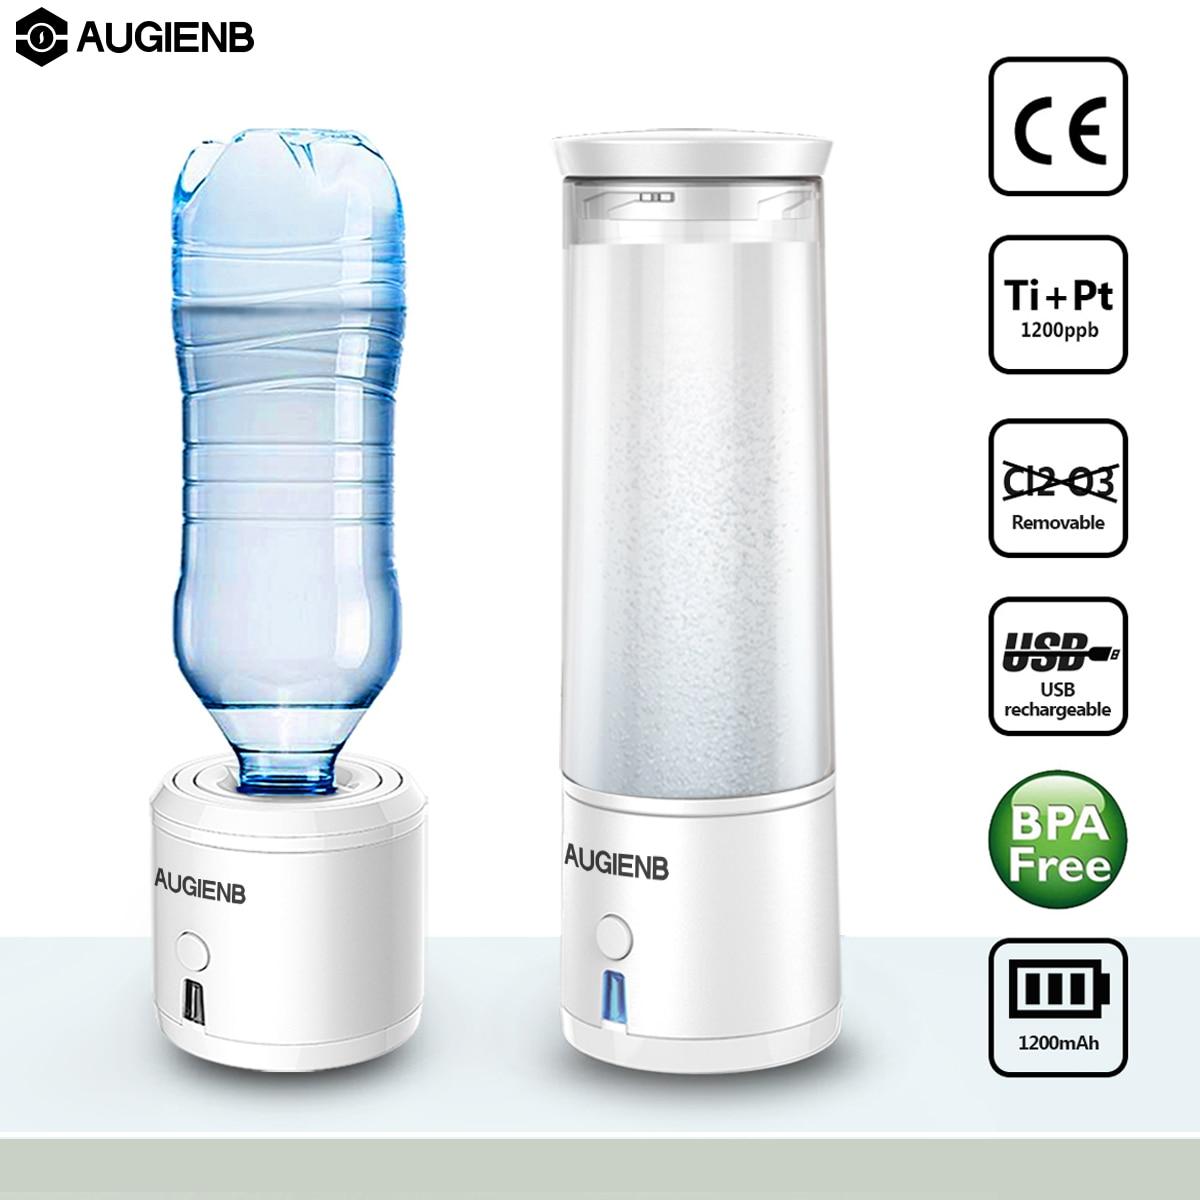 AUGIENB SPE PEM Membrane H2 Bouteille D'eau Riche en Hydrogène Électrolyse Générateur D'ioniseur USB Rechargeable enlèvement O3 CL2